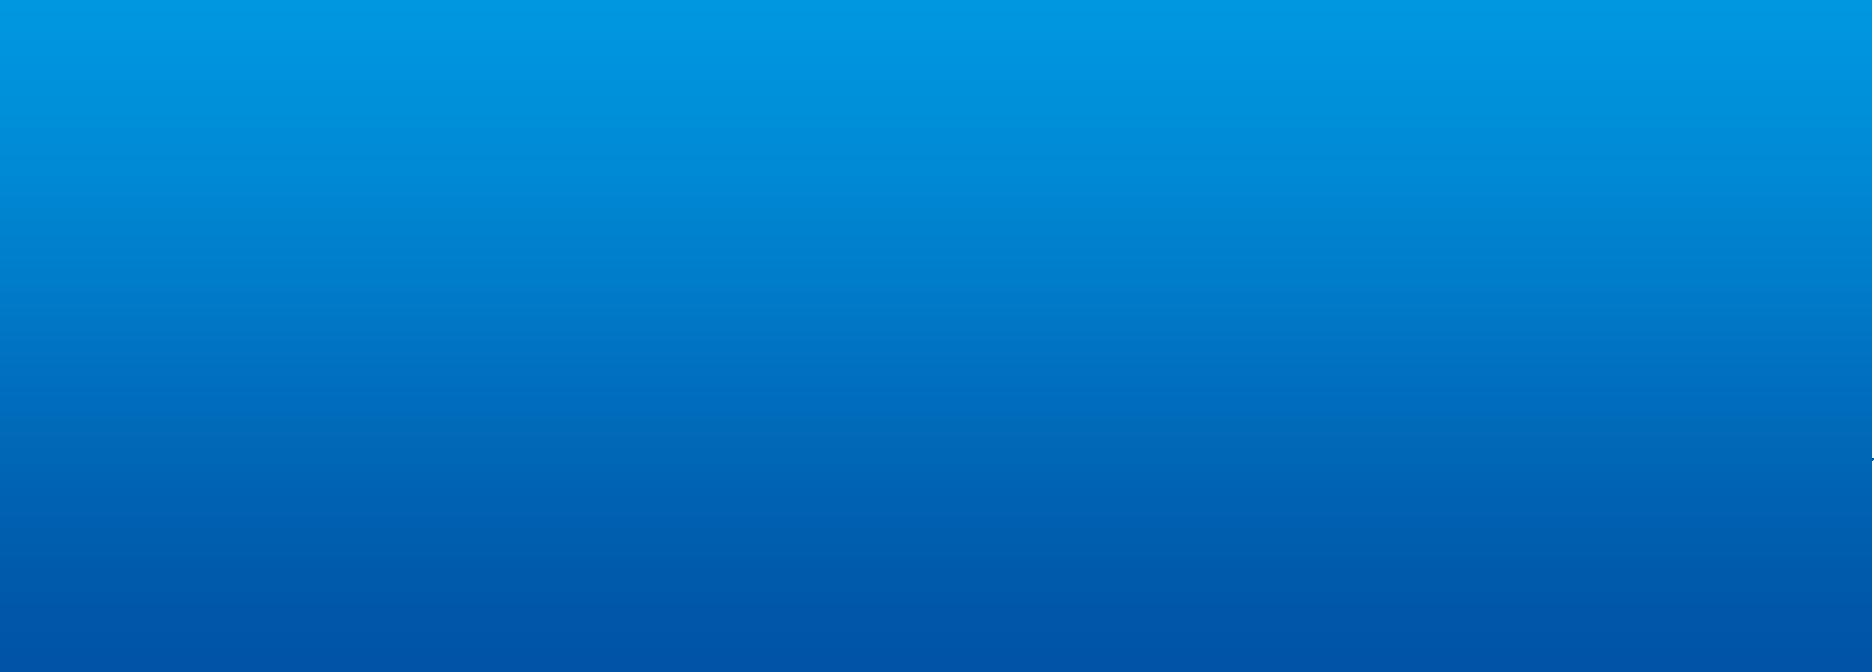 陕西正规锯齿环定做_进口其他机械零部件加工特价-青岛亿东煤矿机械制造有限公司